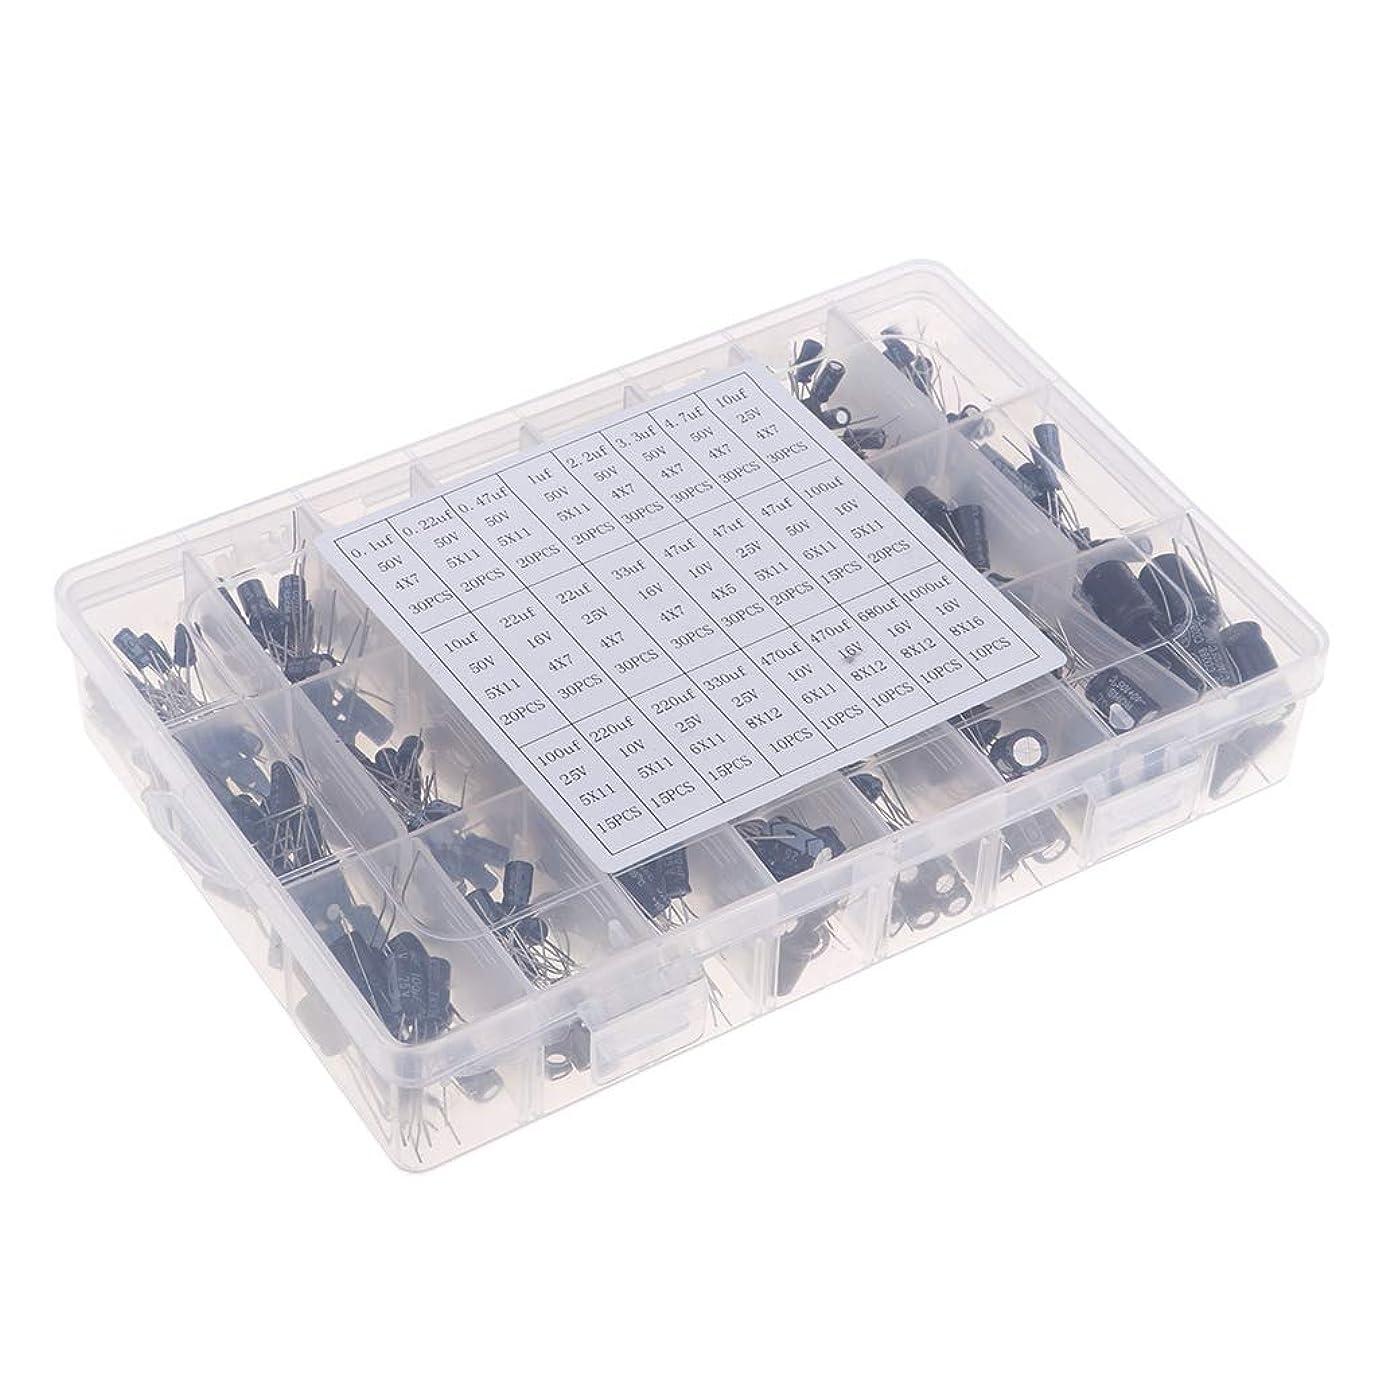 最愛の絶対におびえた約500個 24種 電解コンデンサ 0.1 uf-1000uf 電子工作基本部品セット 実用的